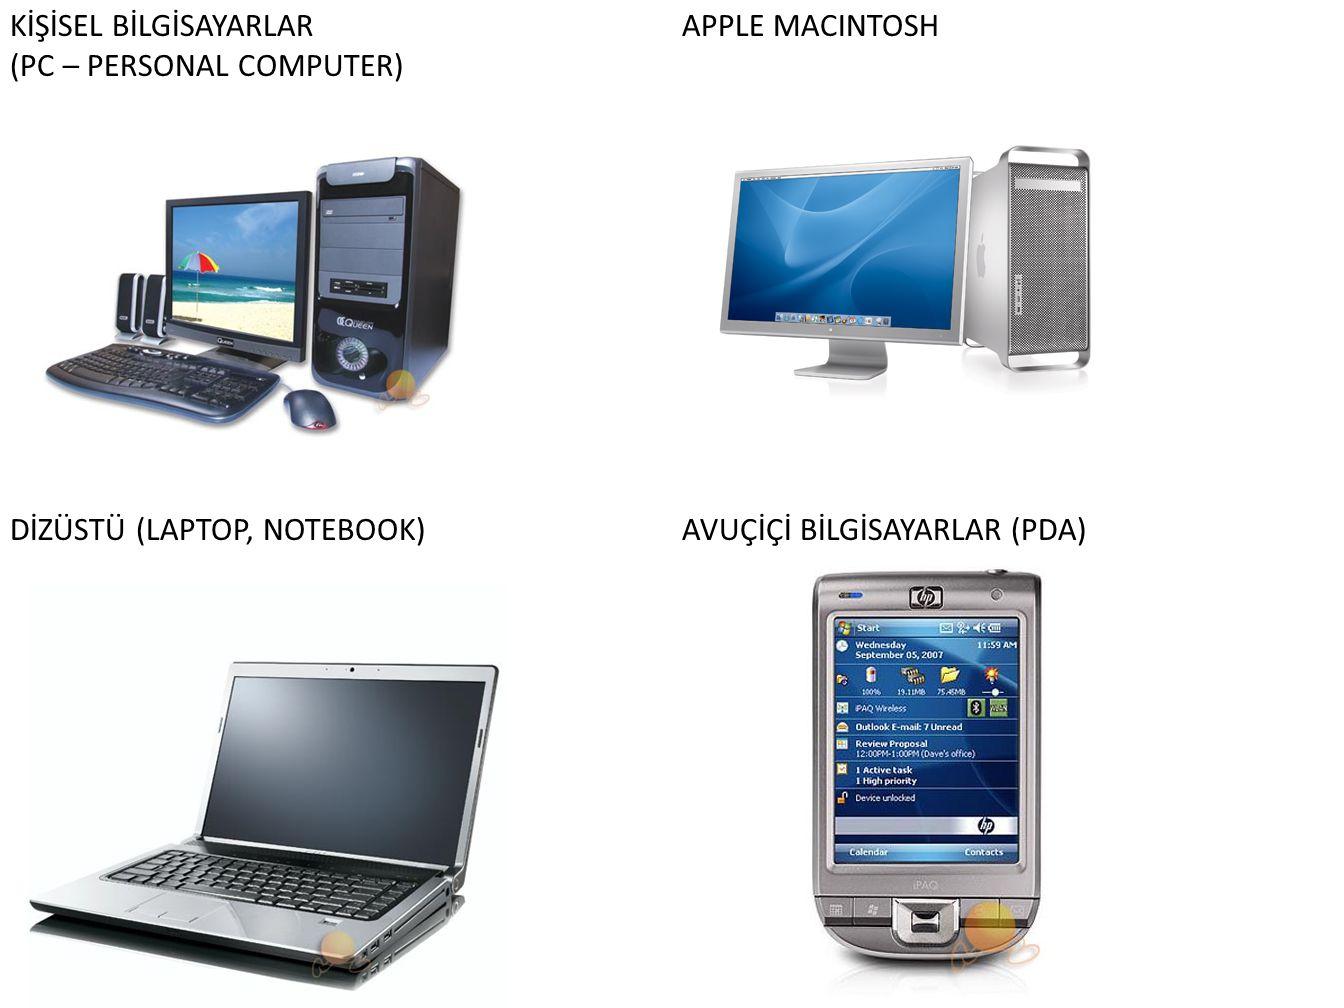 KİŞİSEL BİLGİSAYARLAR (PC – PERSONAL COMPUTER) APPLE MACINTOSH DİZÜSTÜ (LAPTOP, NOTEBOOK)AVUÇİÇİ BİLGİSAYARLAR (PDA)